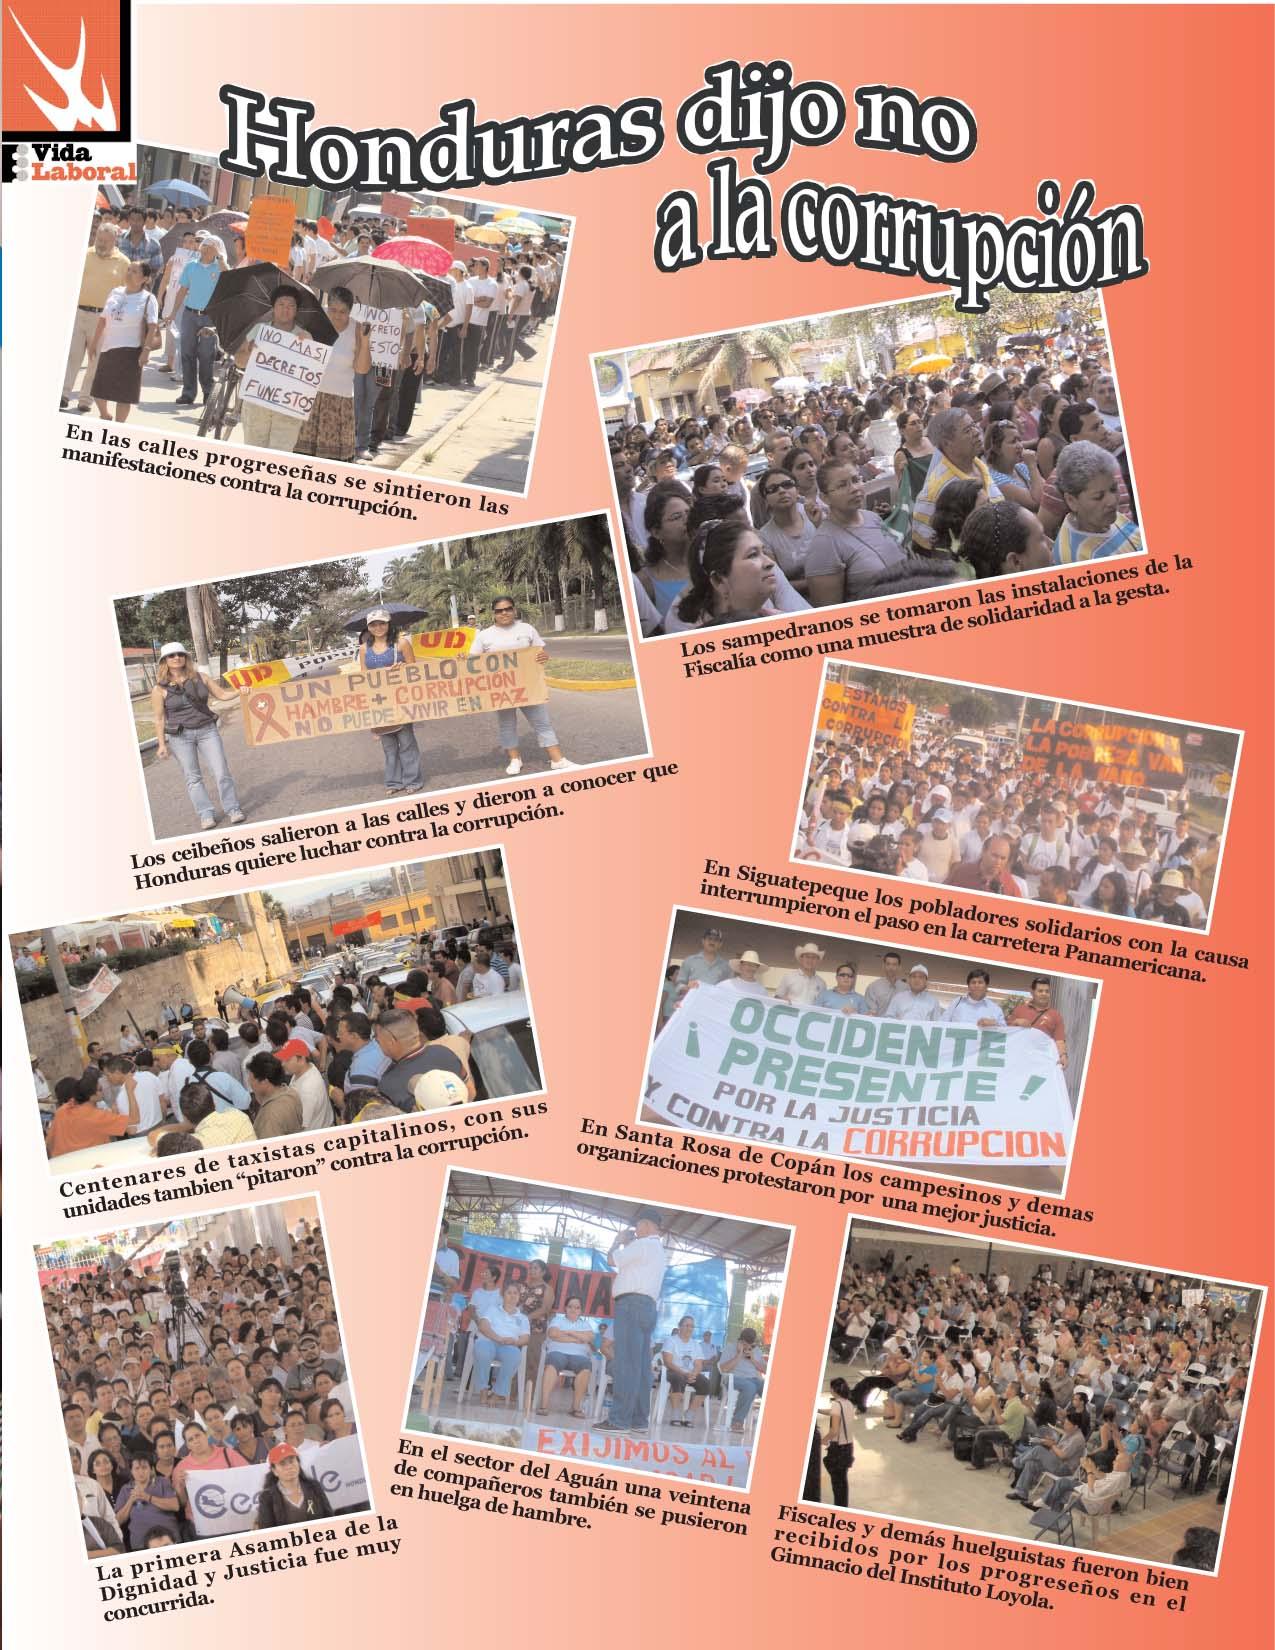 pagina2rp34315.pagina2-Honduras dijo NO a la corrupción